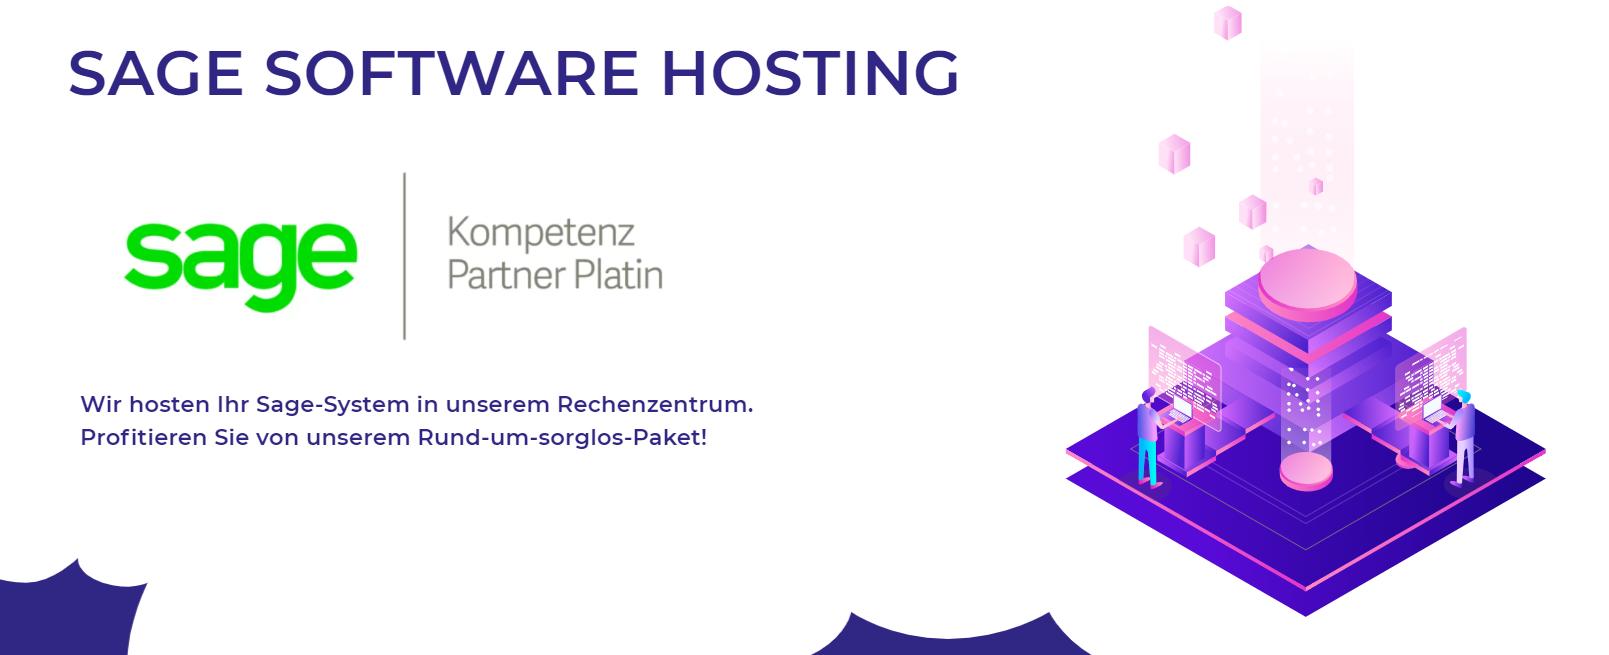 Sage-Software-Hosting